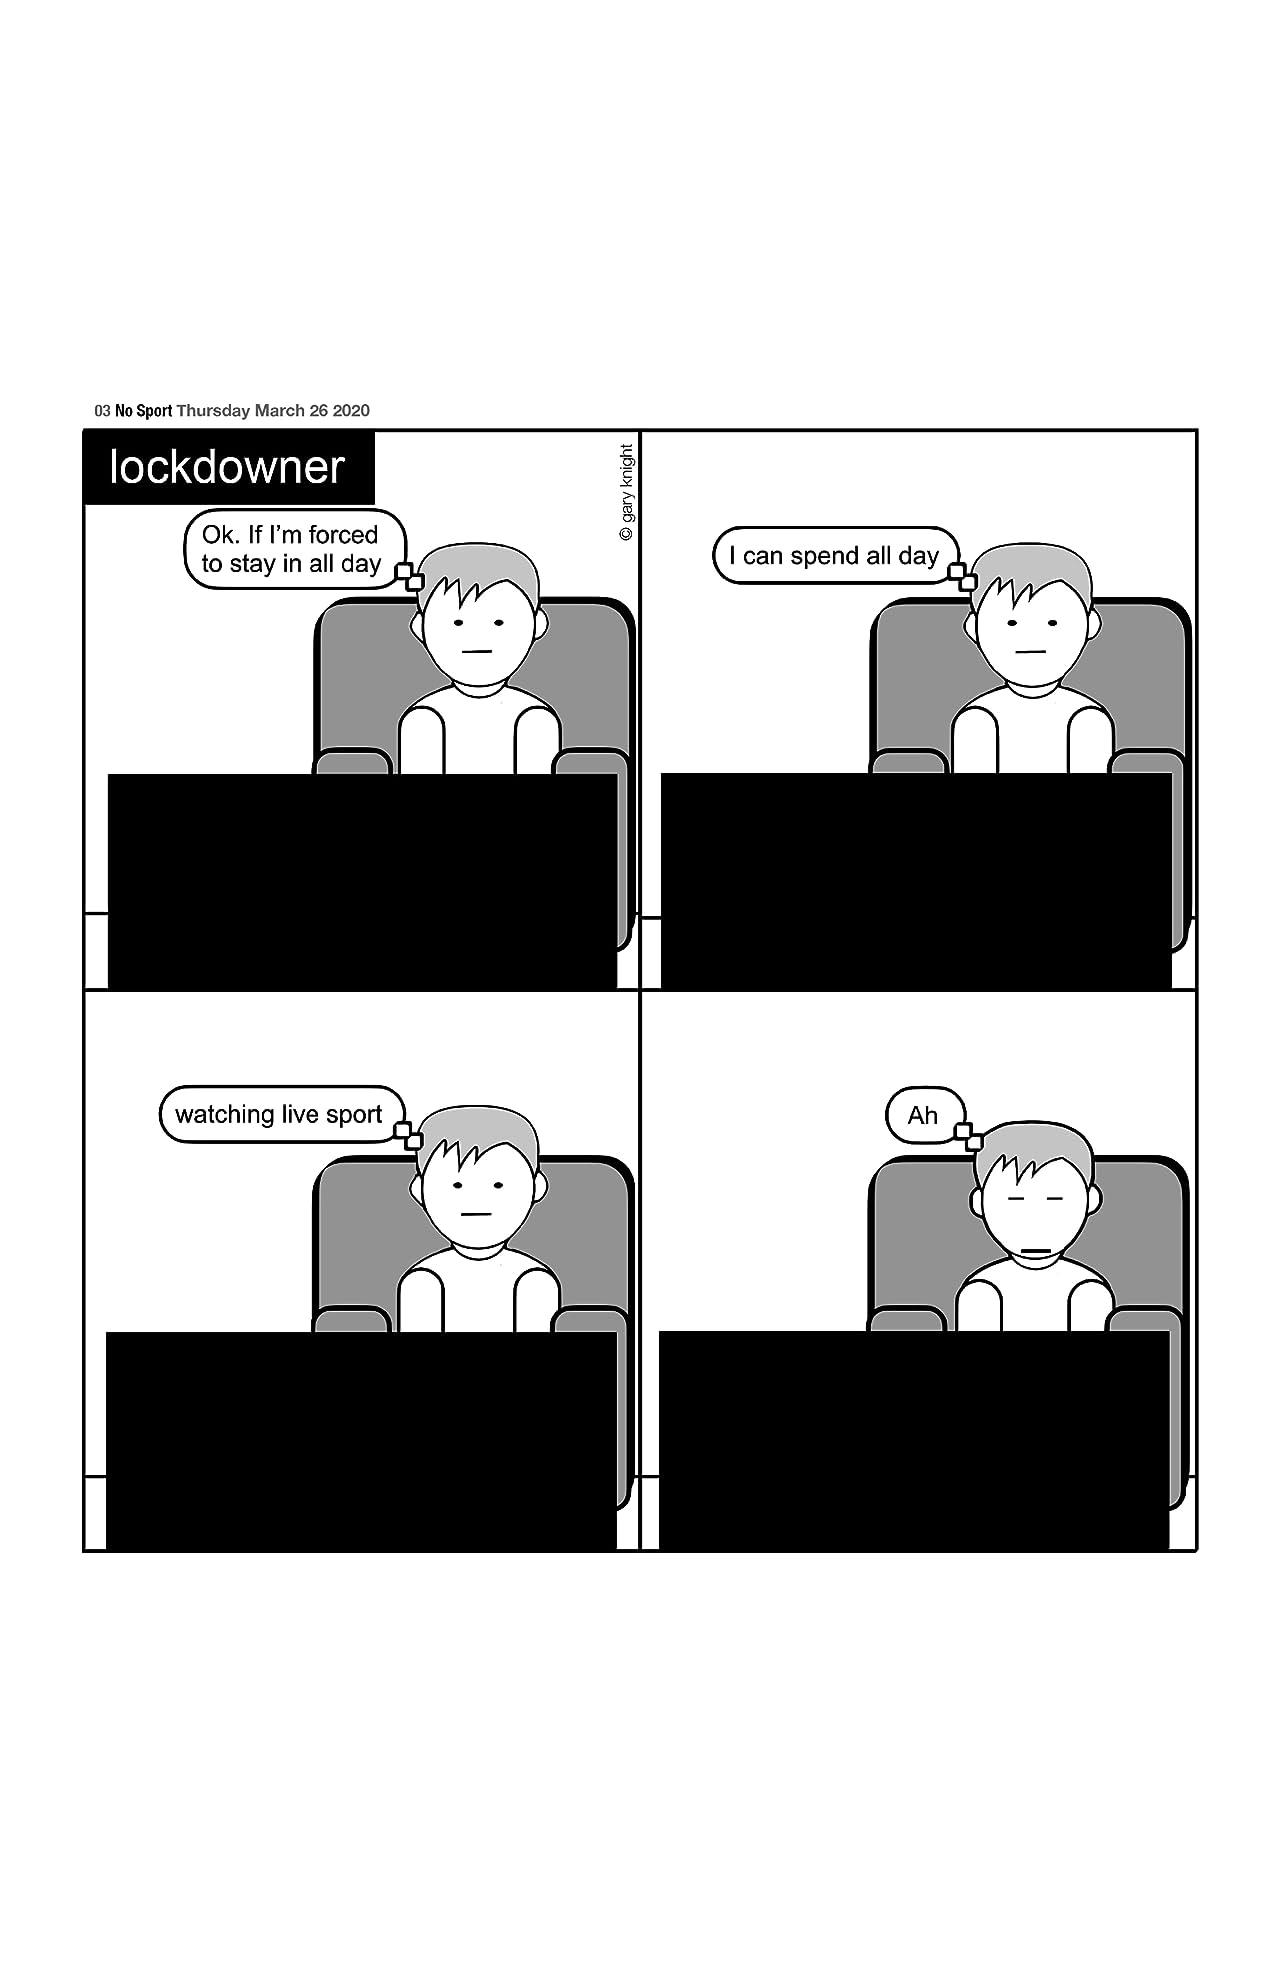 Lockdowner: The Covid-19 Lockdown Comic-strip